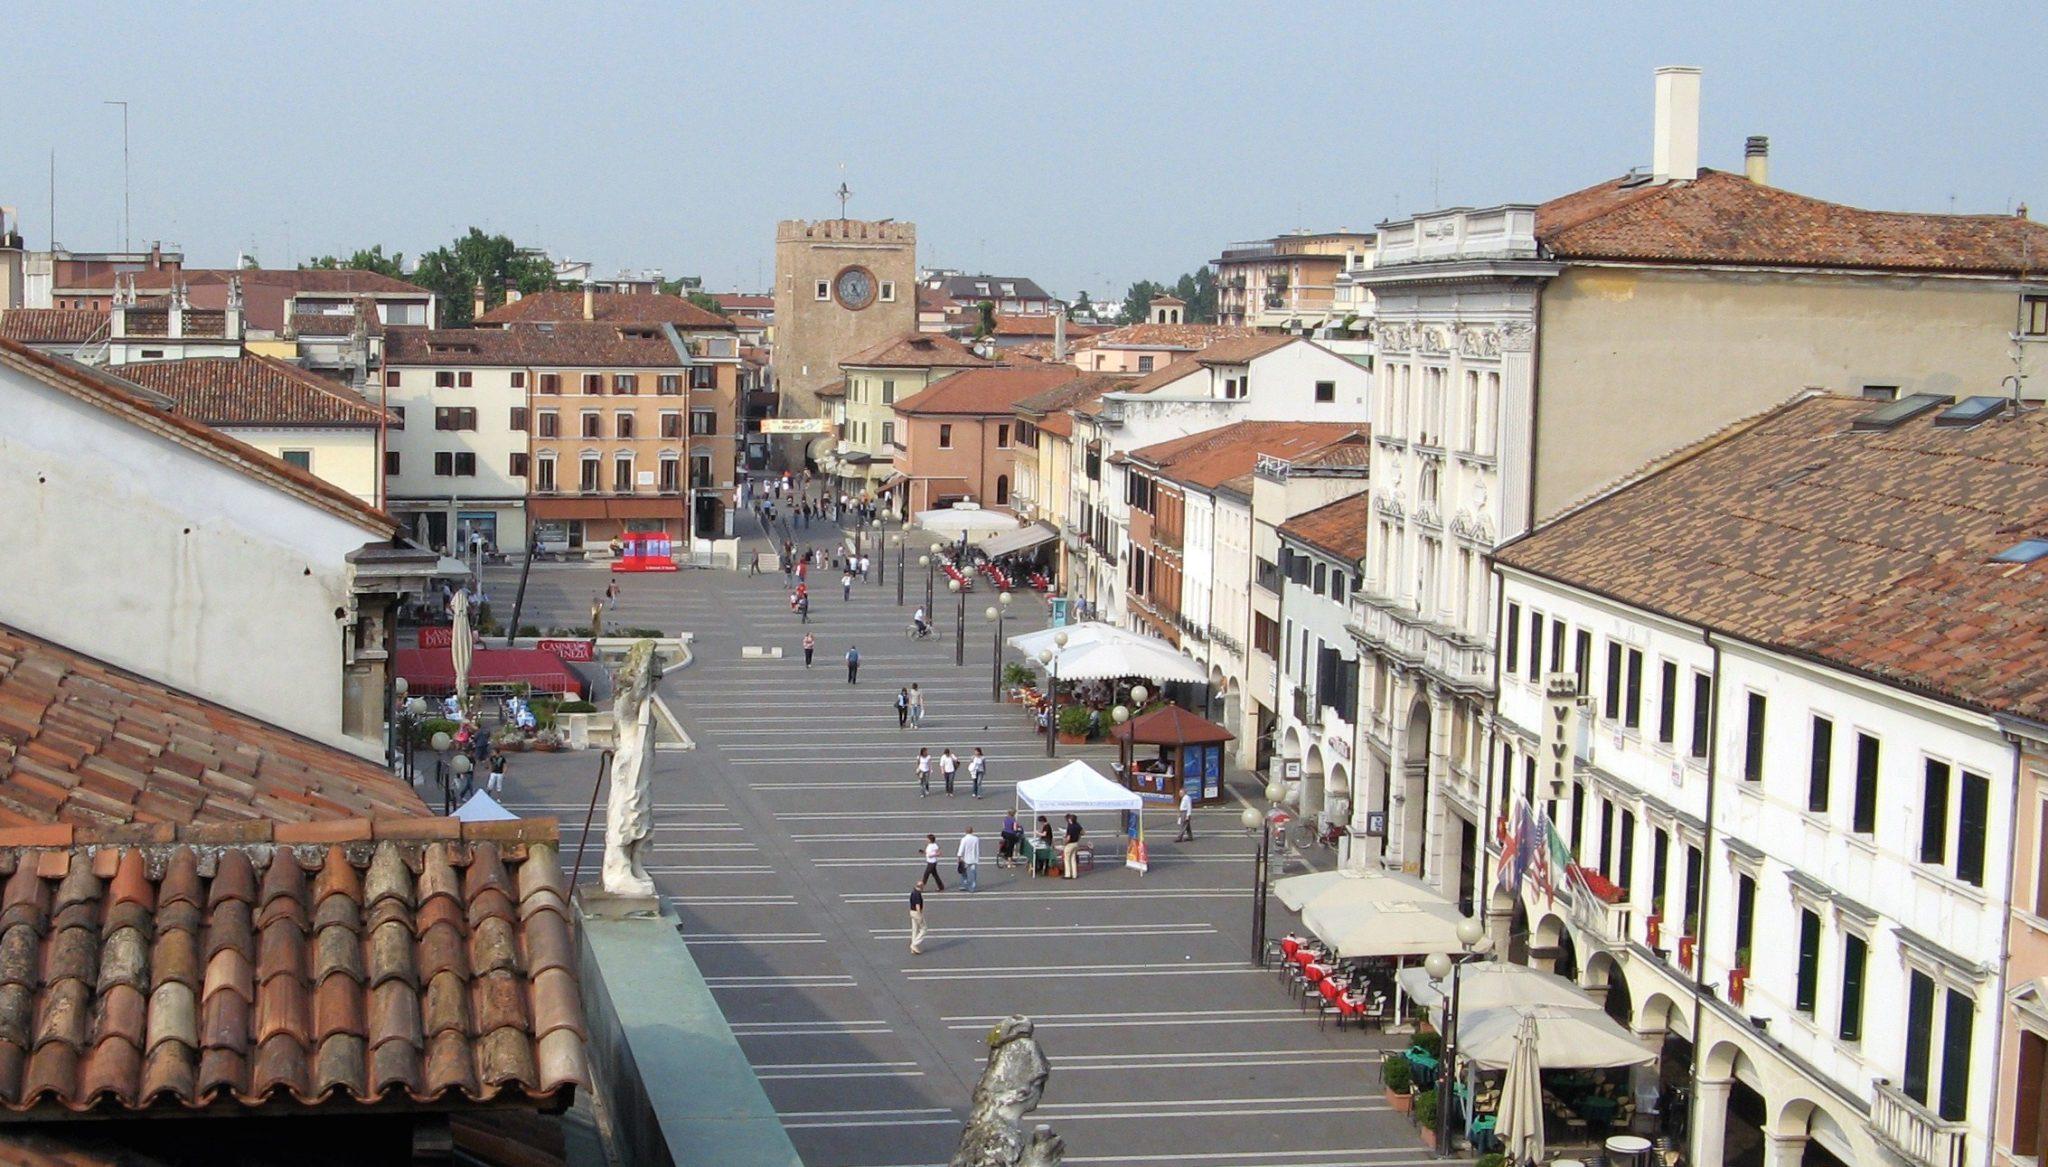 Centro di Mestre Piazza Ferretto